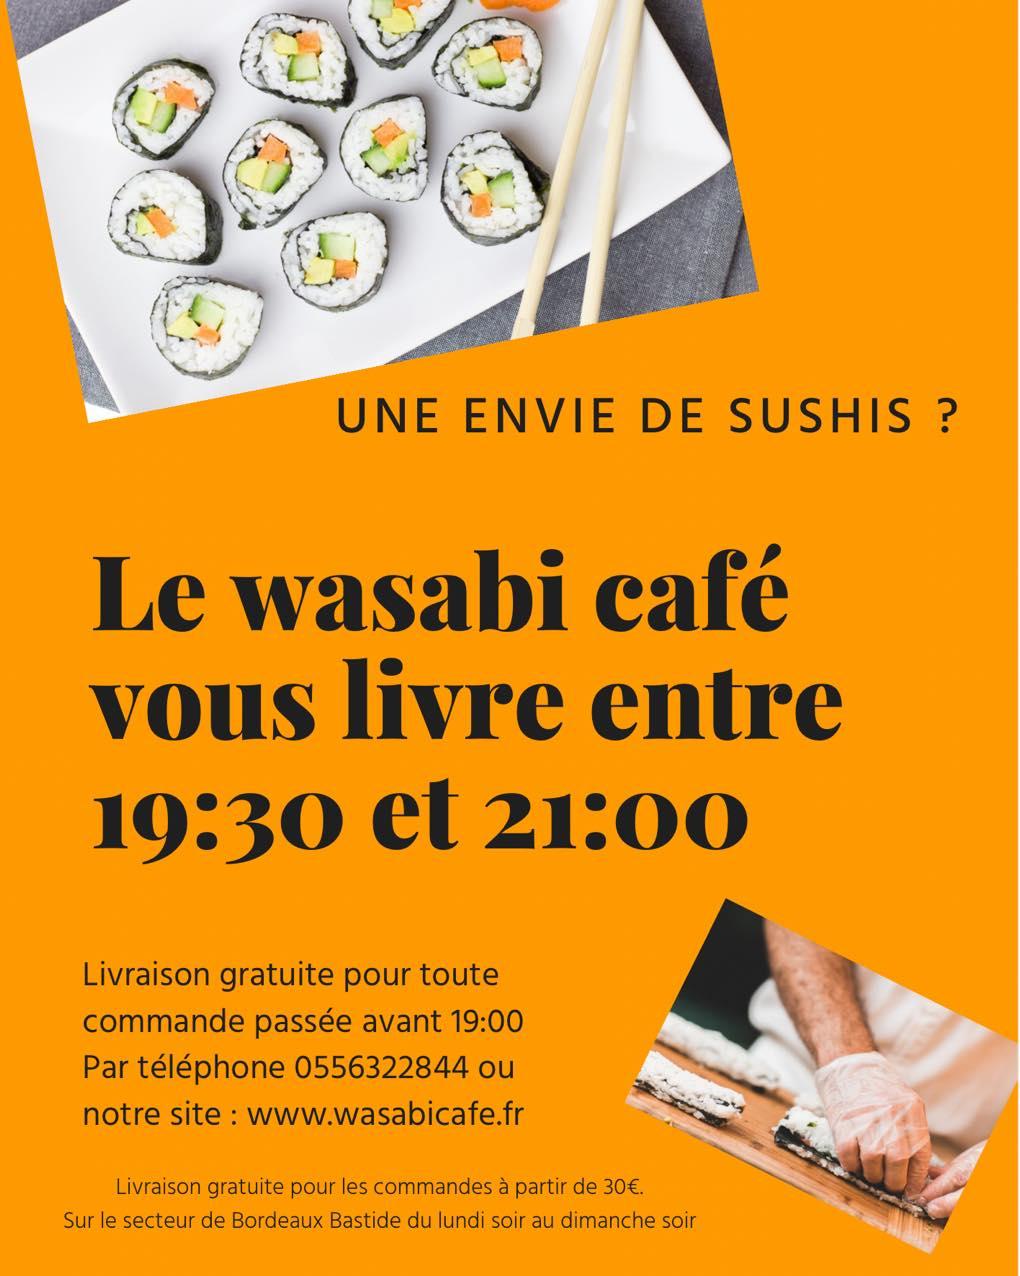 Le Wasabi Café vous livre à domicile entre 19h30 et 21h00